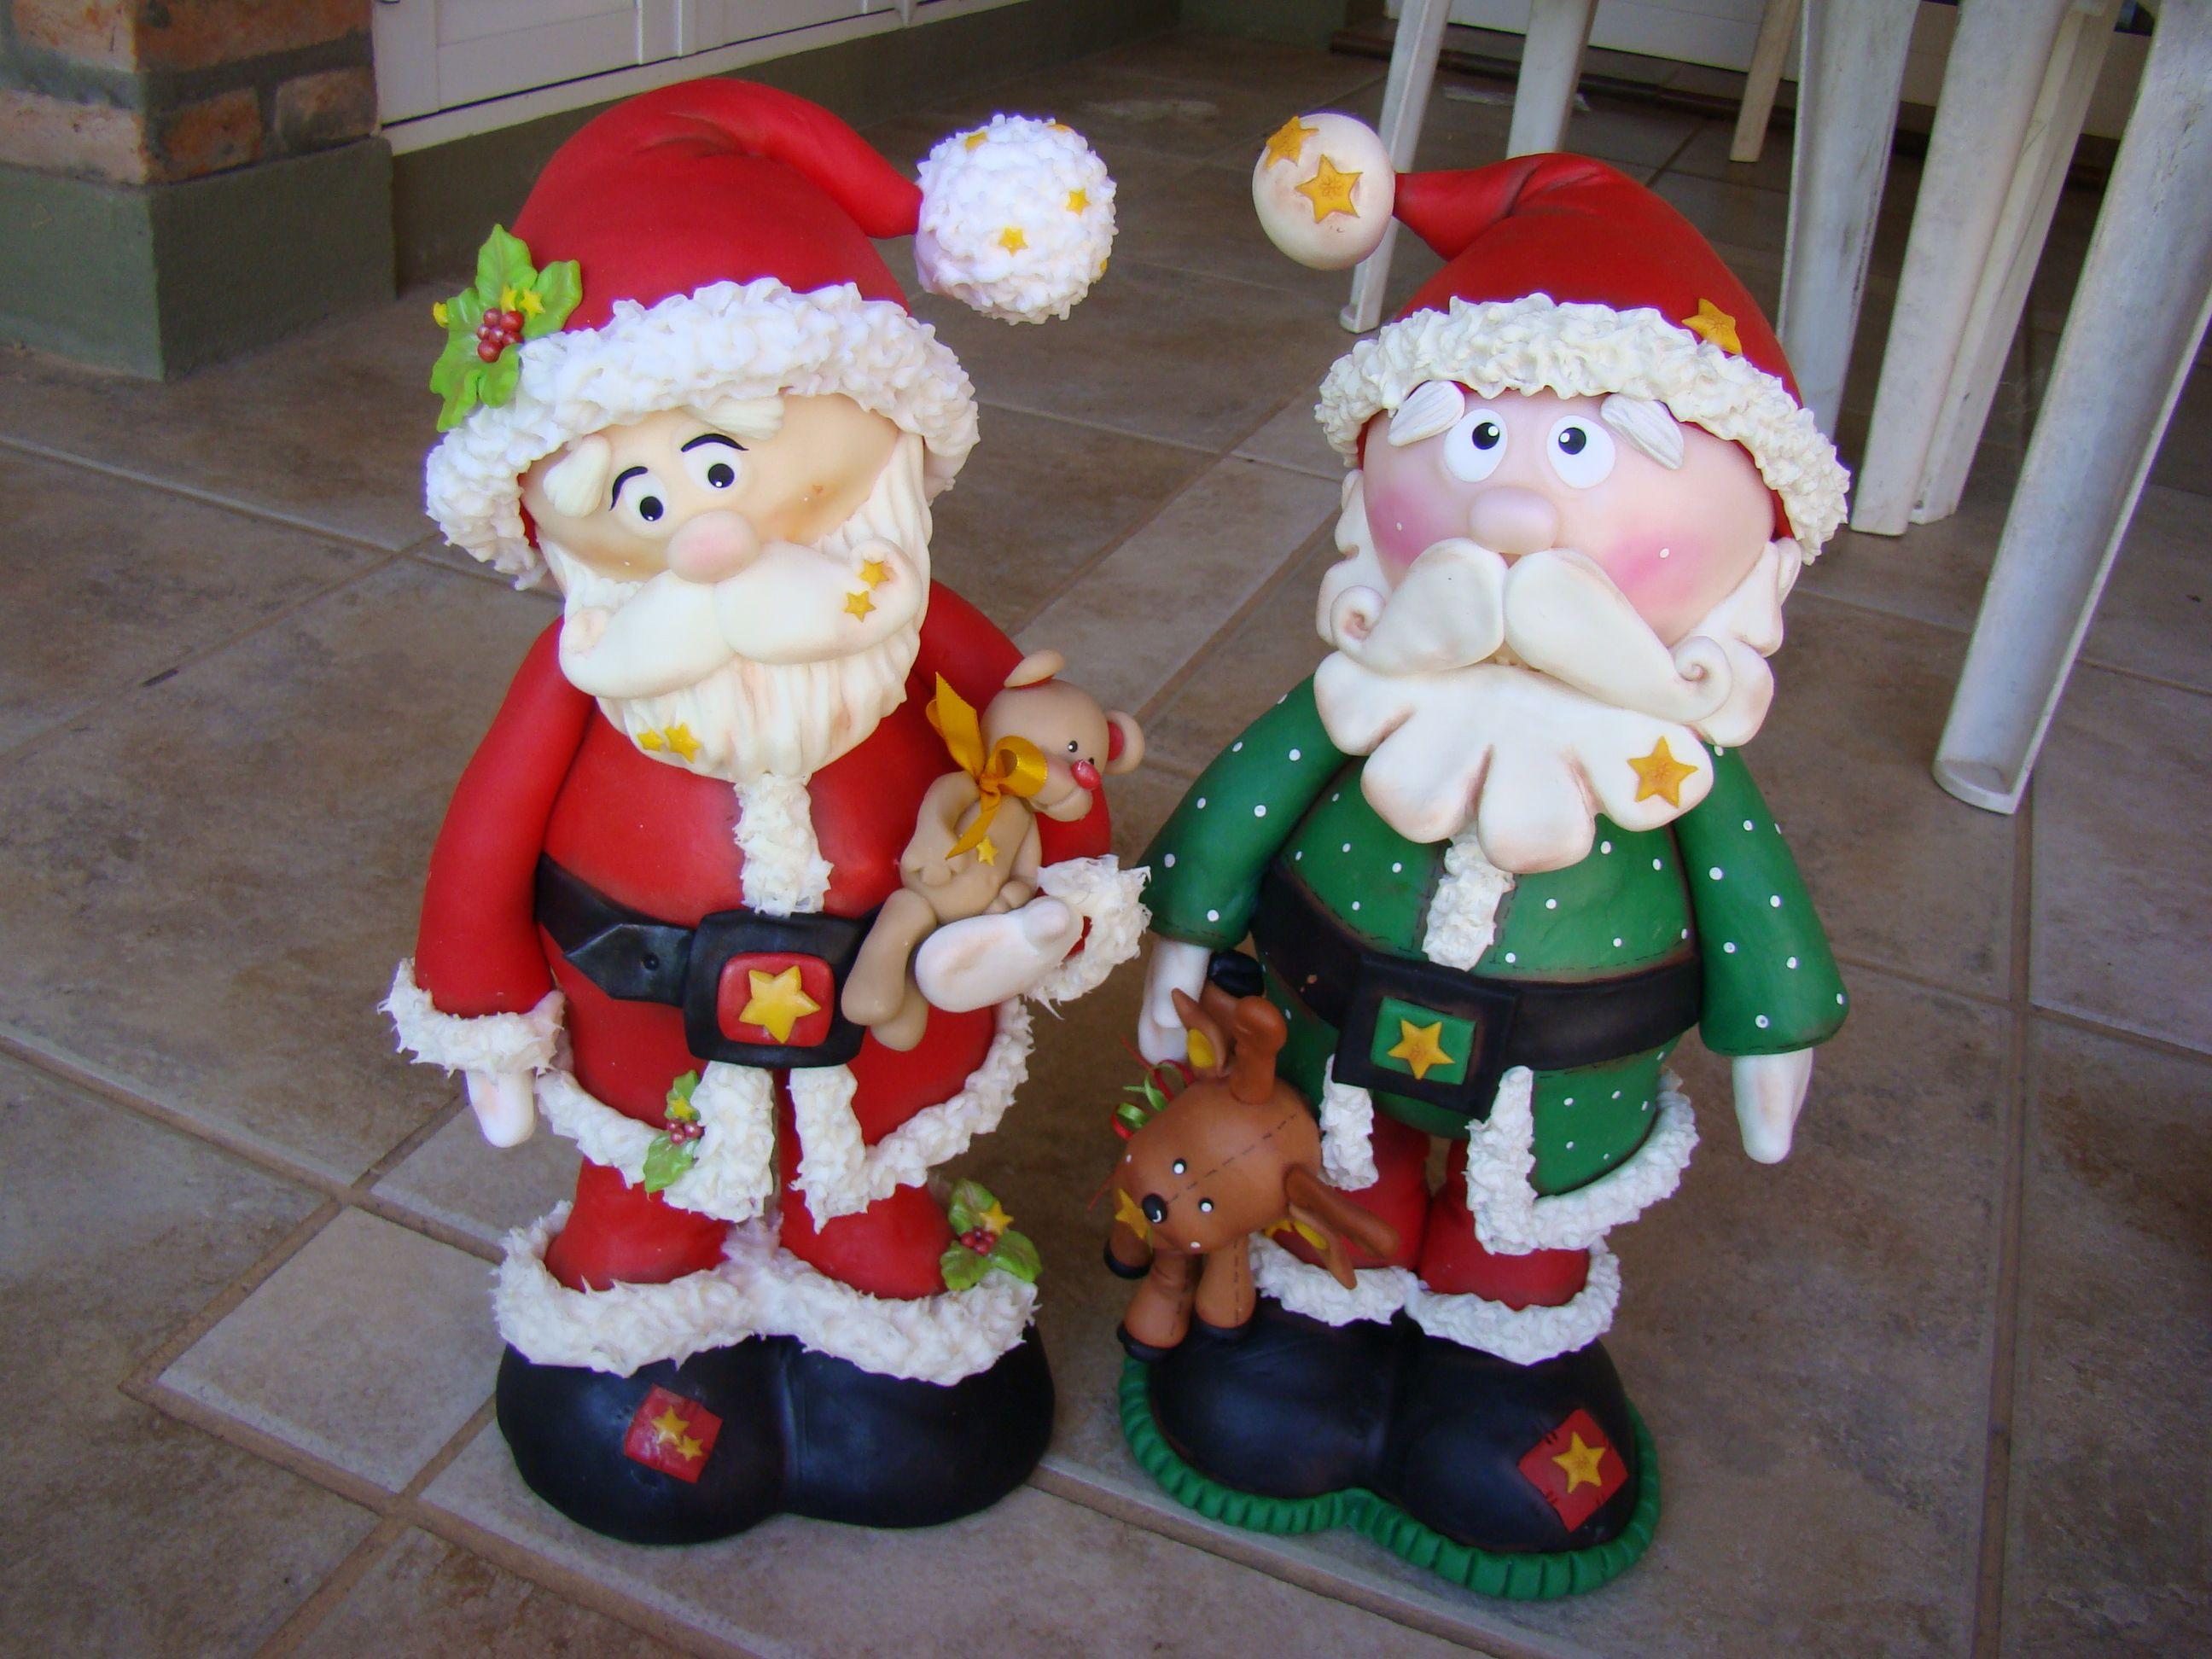 Papas noel grandotes en porcelana fria navidad en for Adornos navidenos en porcelana fria utilisima